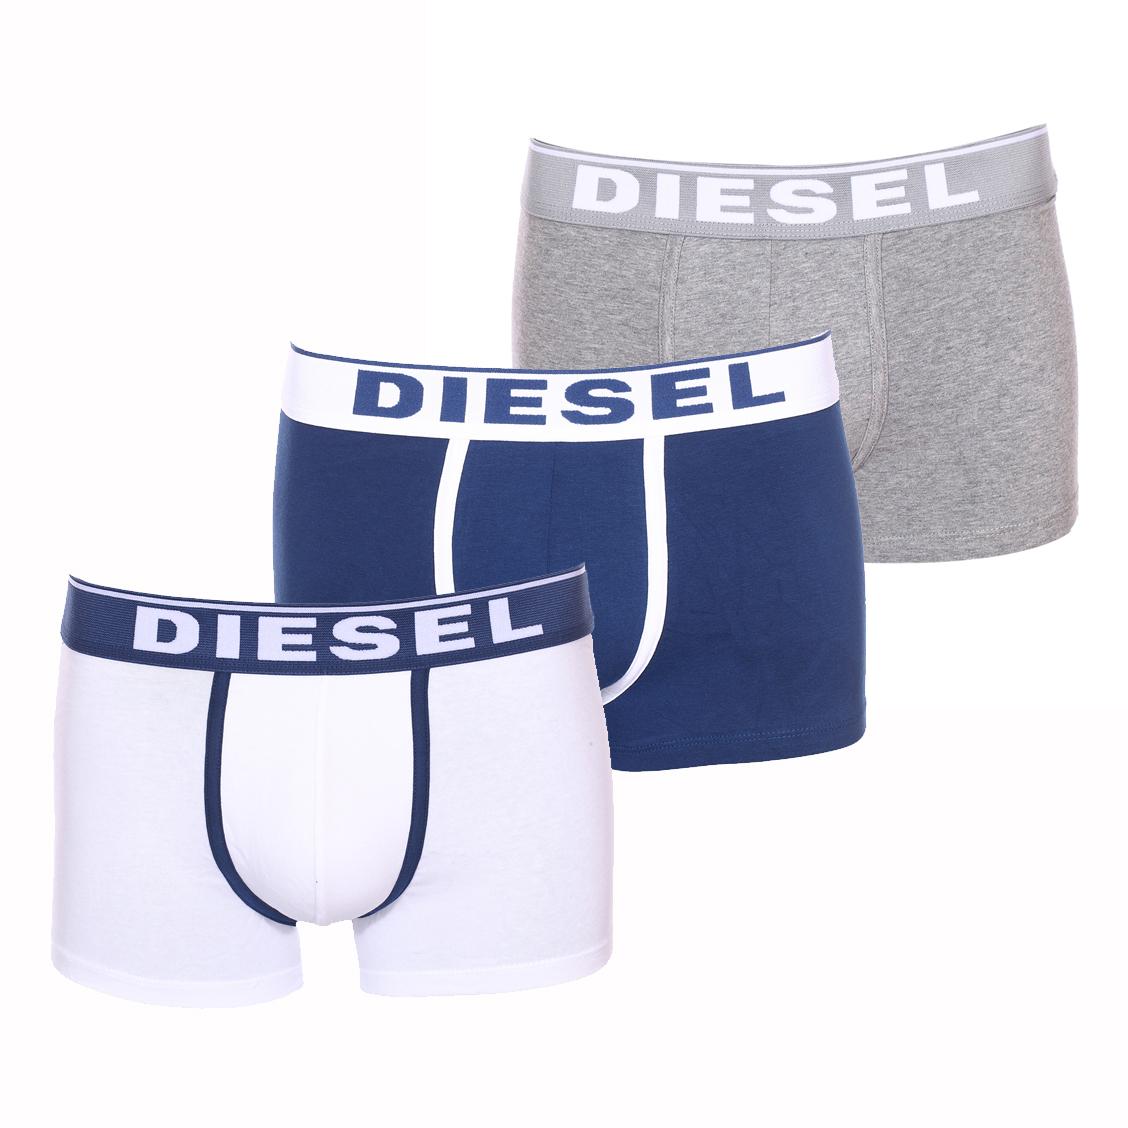 Lot de 3 boxers diesel damien en coton stretch blanc, bleu pétrole et gris chiné